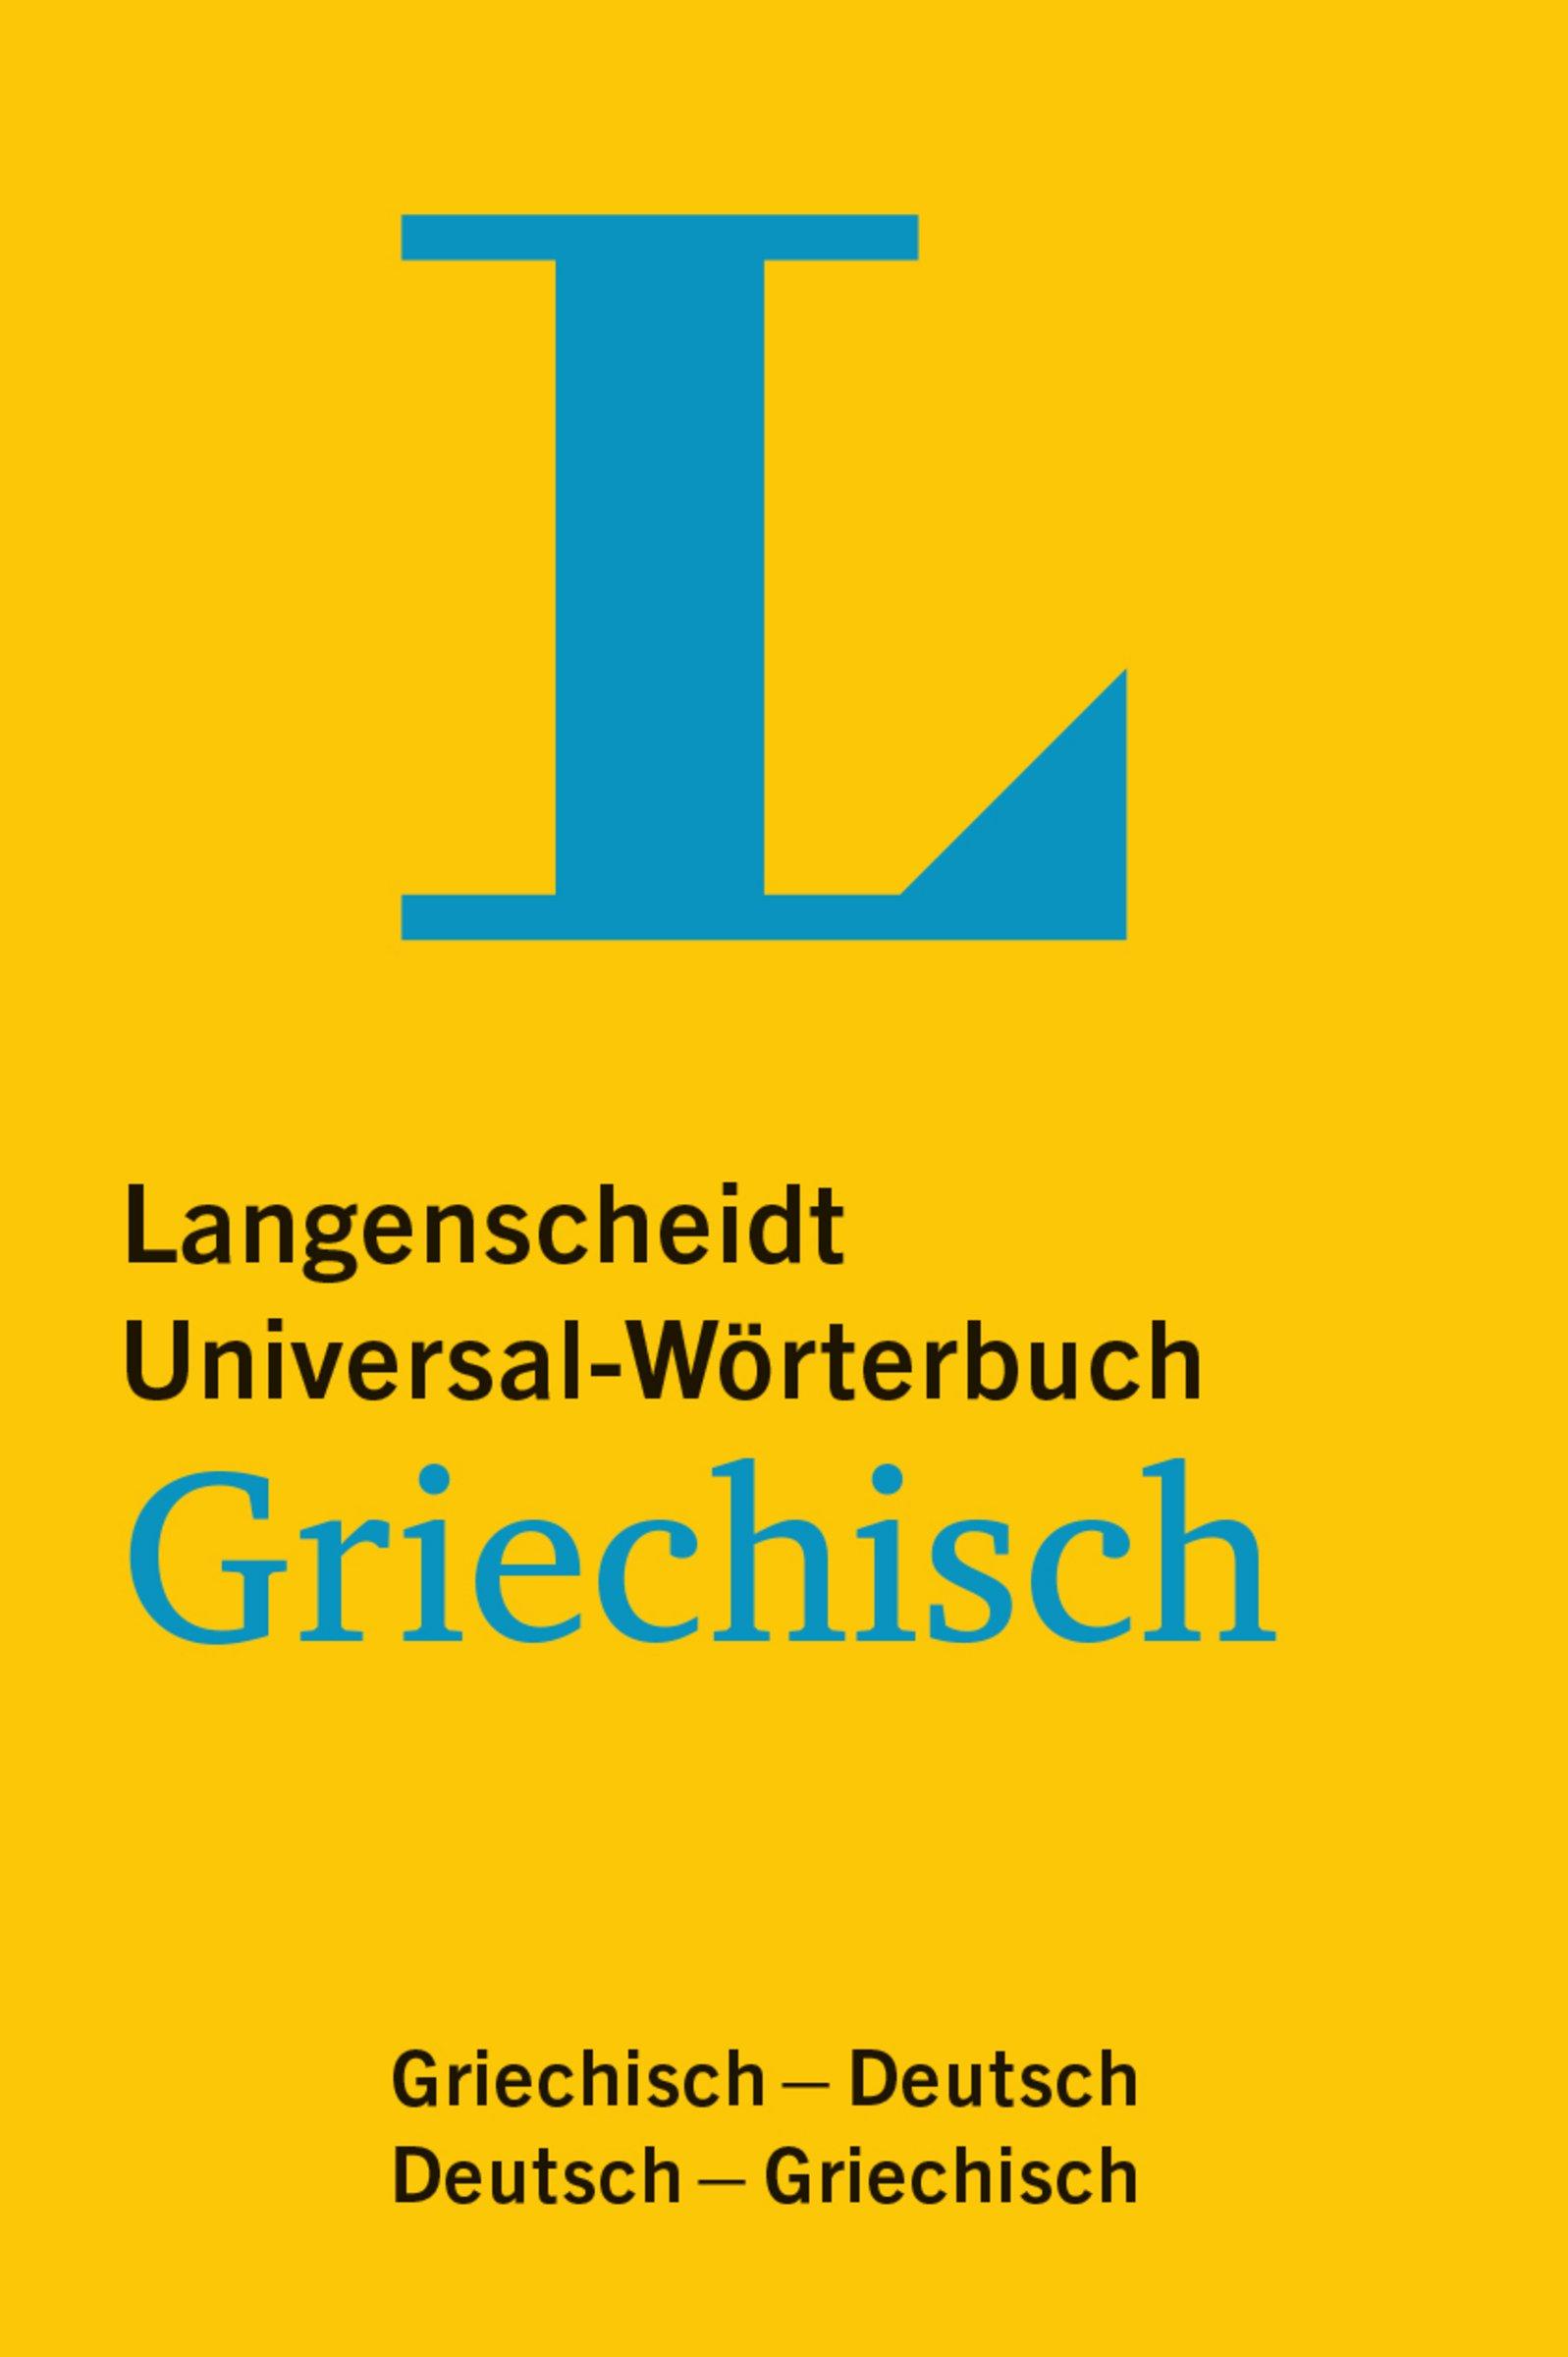 Langenscheidt Universal-Wörterbuch Griechisch - mit Tipps für die Reise: Griechisch-Deutsch/Deutsch-Griechisch (Langenscheidt Universal-Wörterbücher)